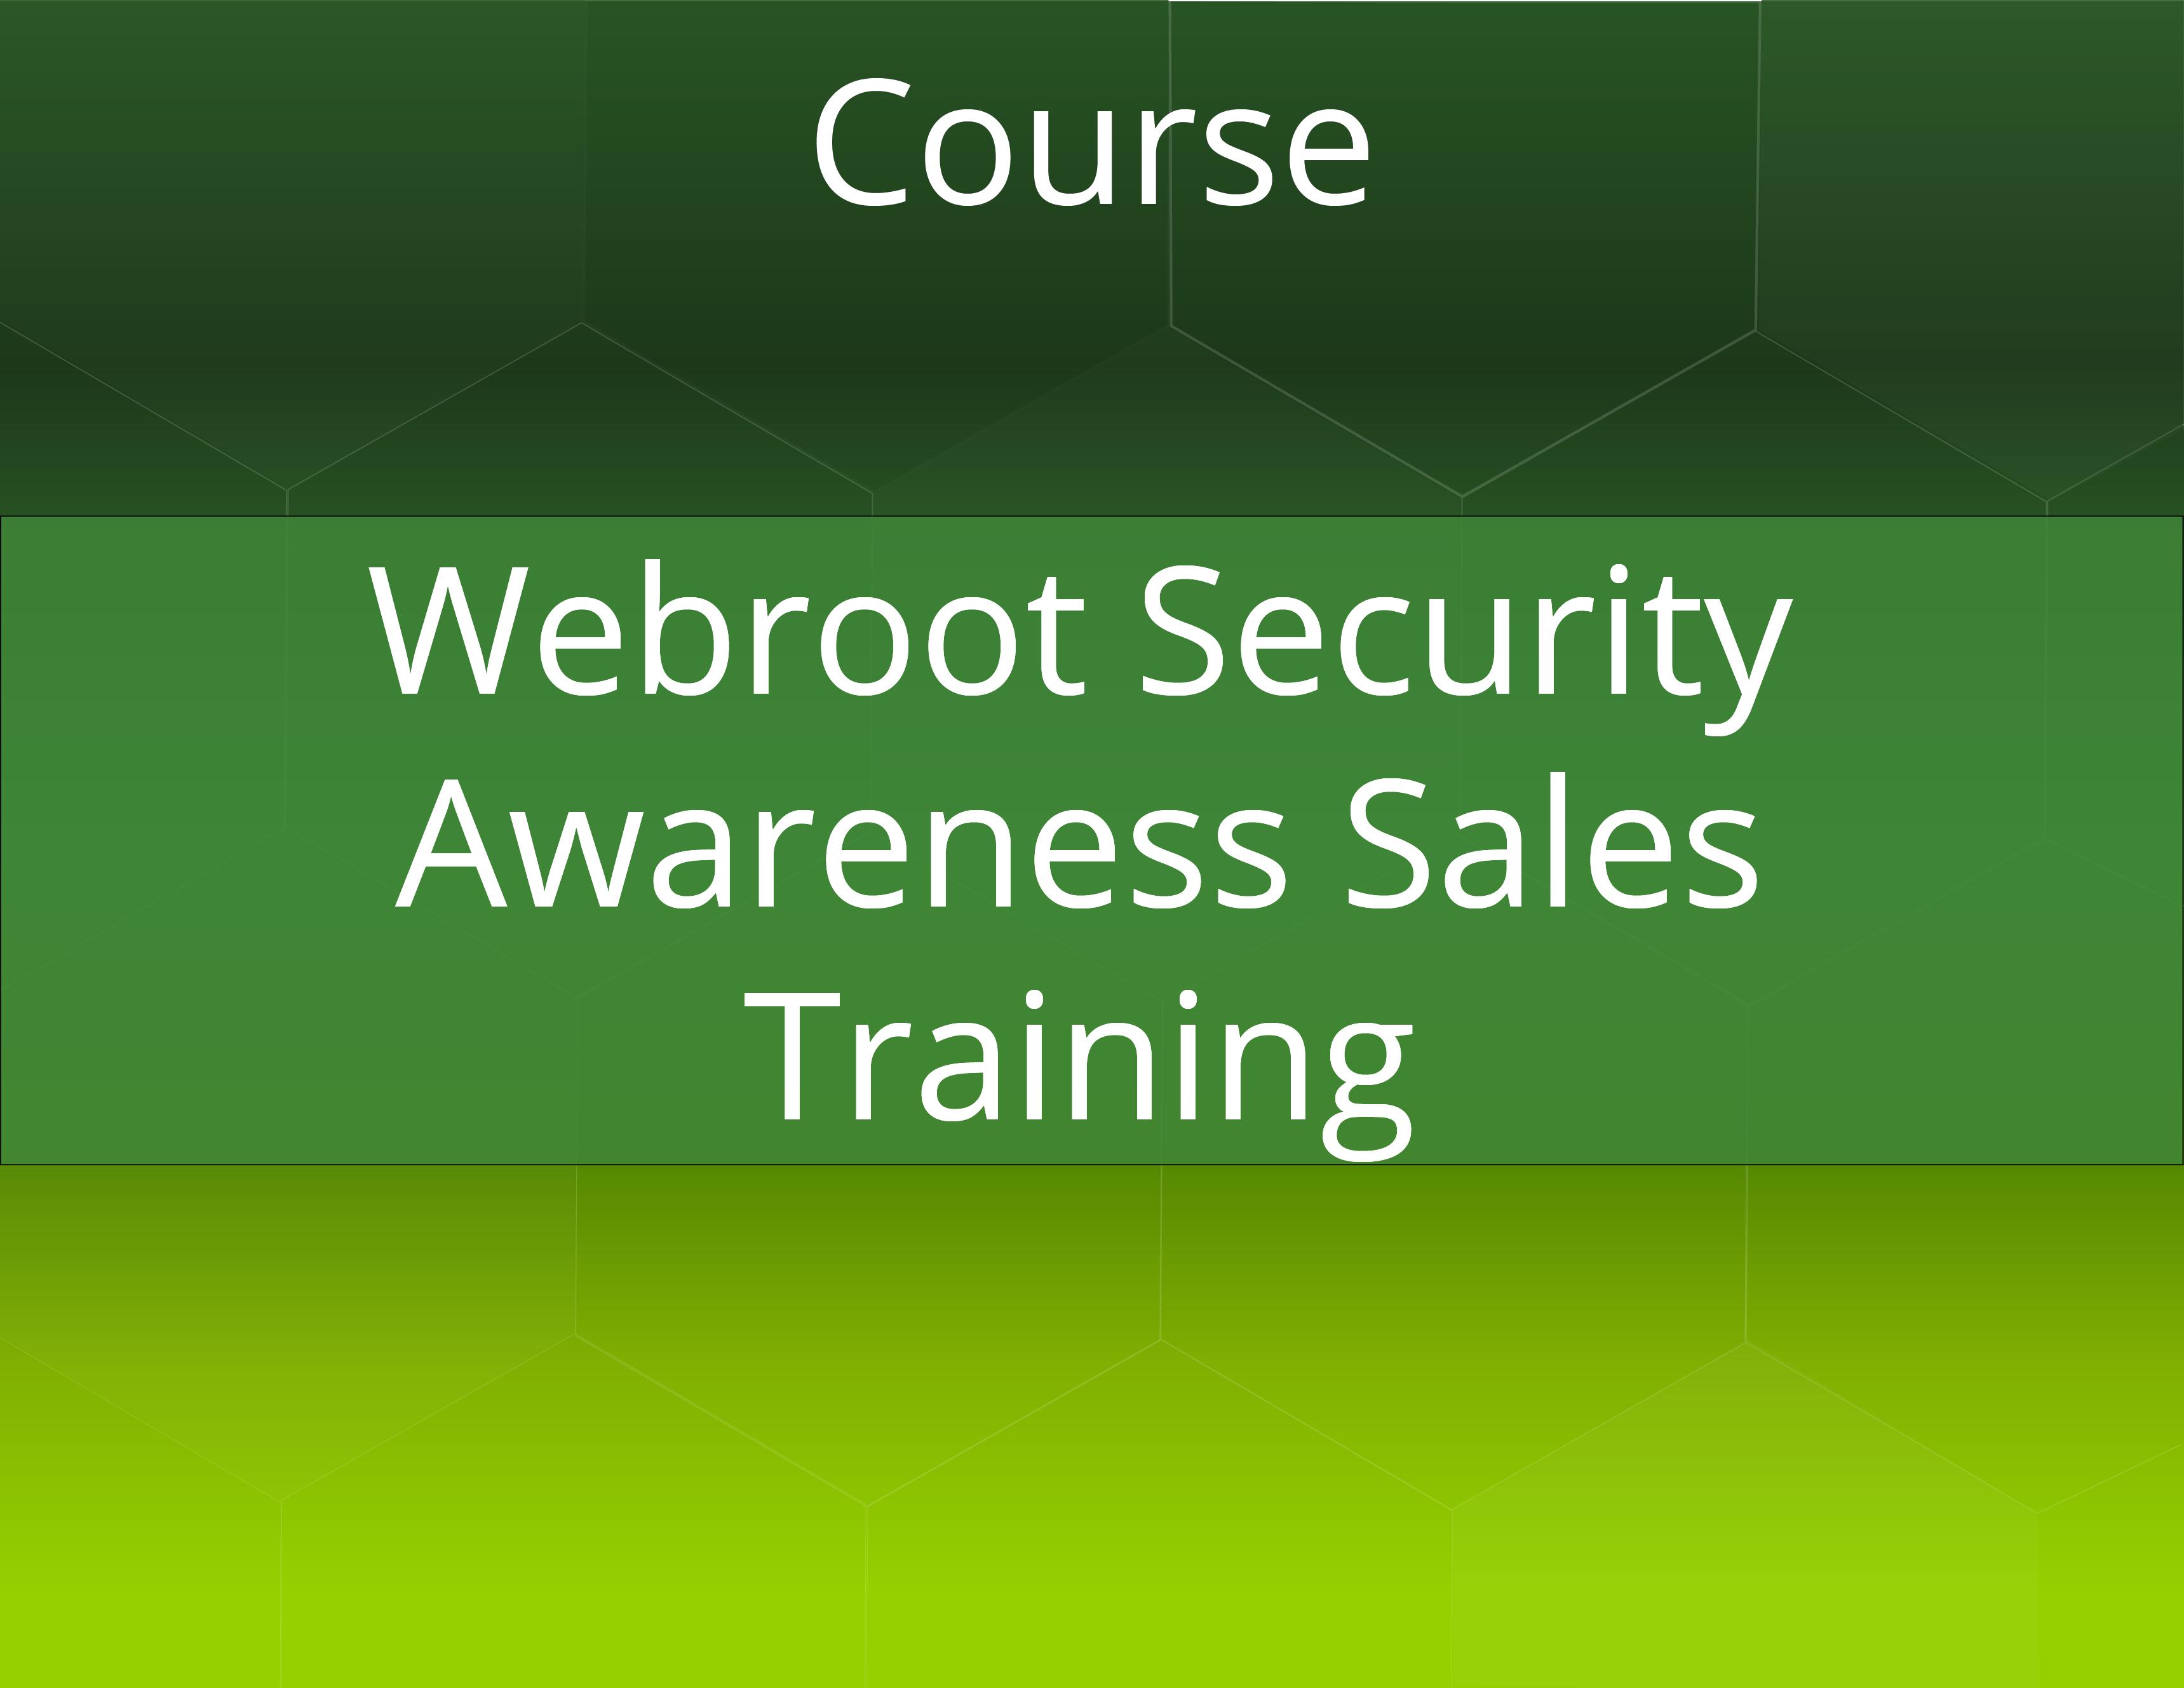 Webroot® Security Awareness Sales Training